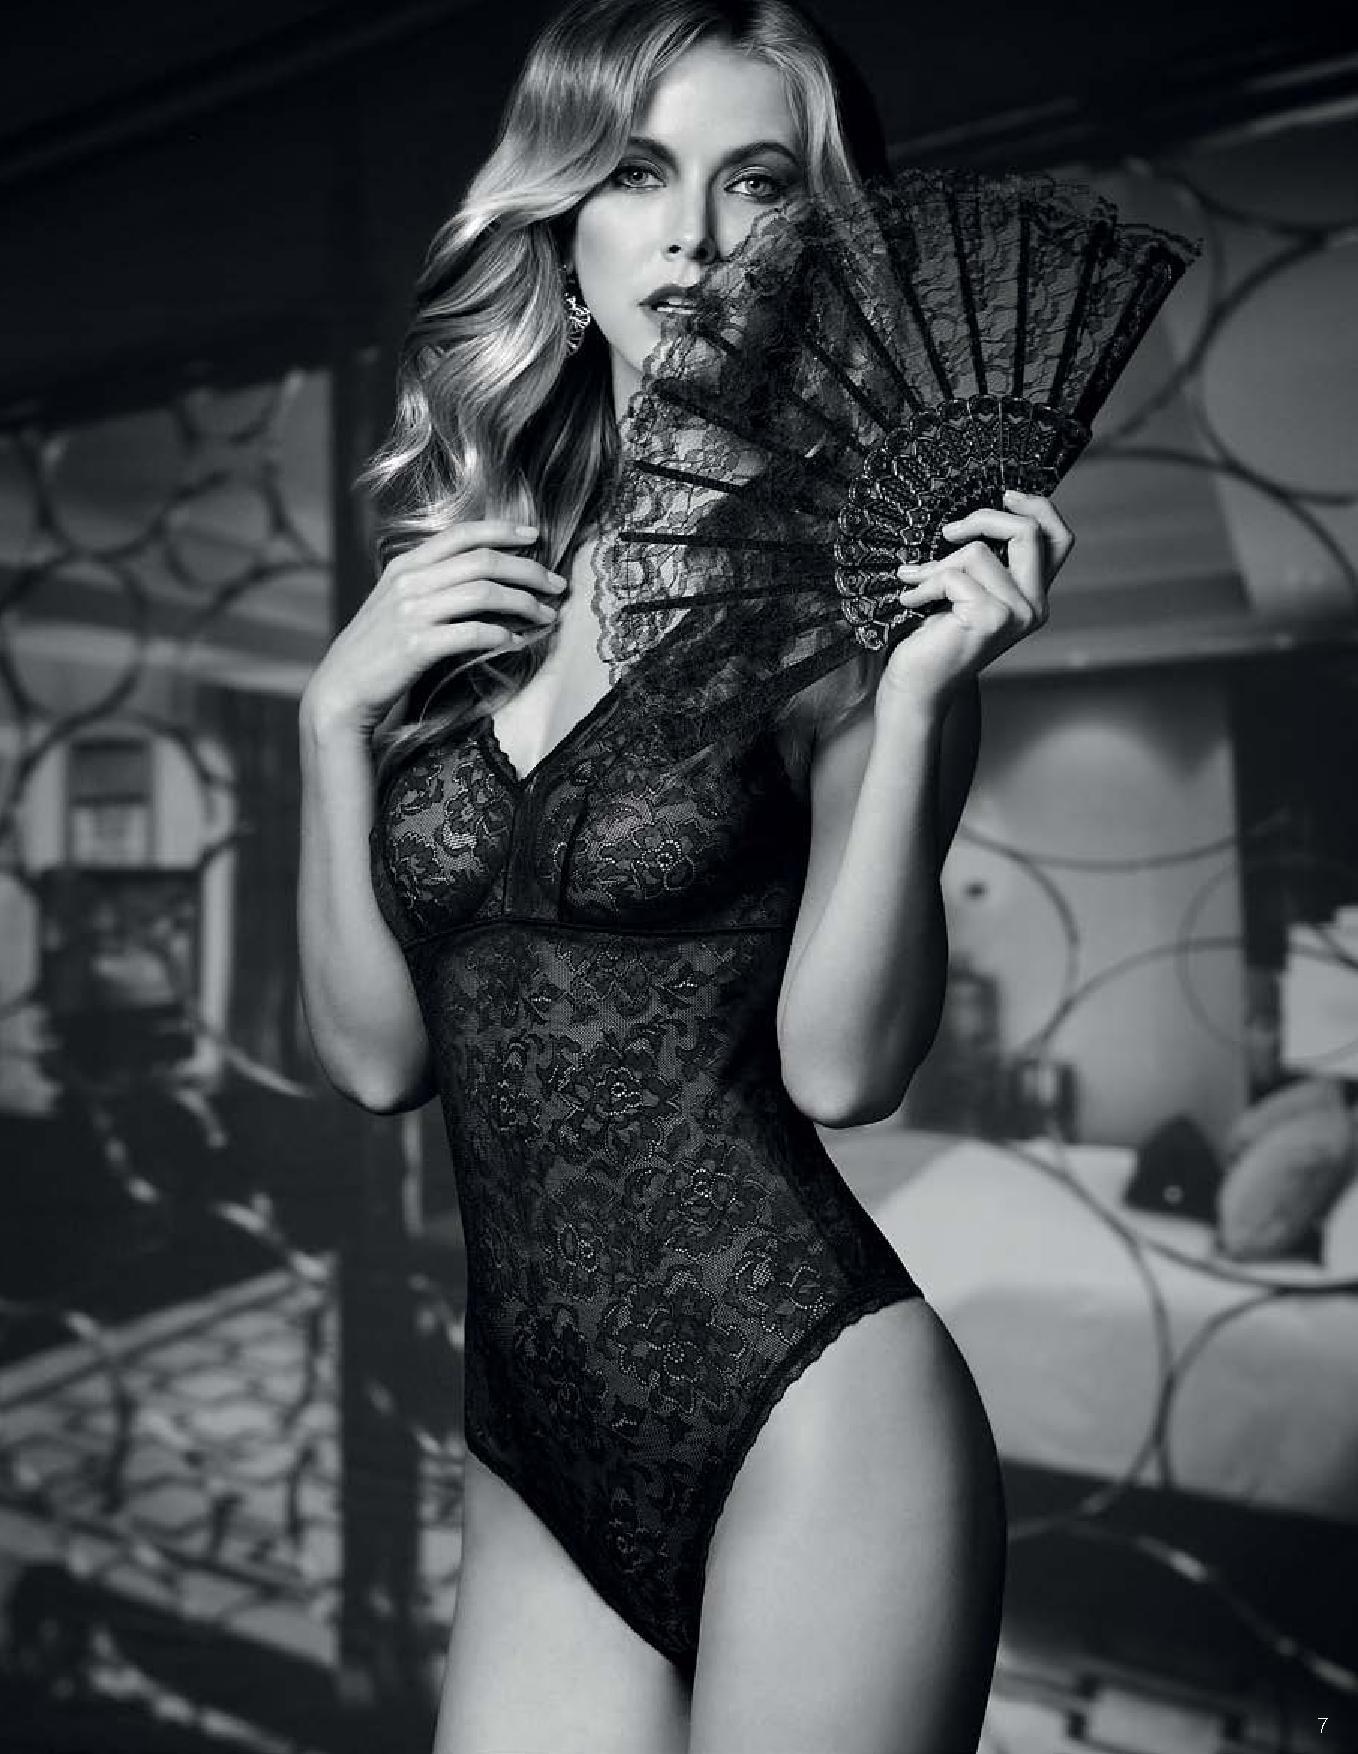 Флоранж - комплект Private Moment - платье, боди, помада, кружевная маска, кружевные митенки, веер и тату